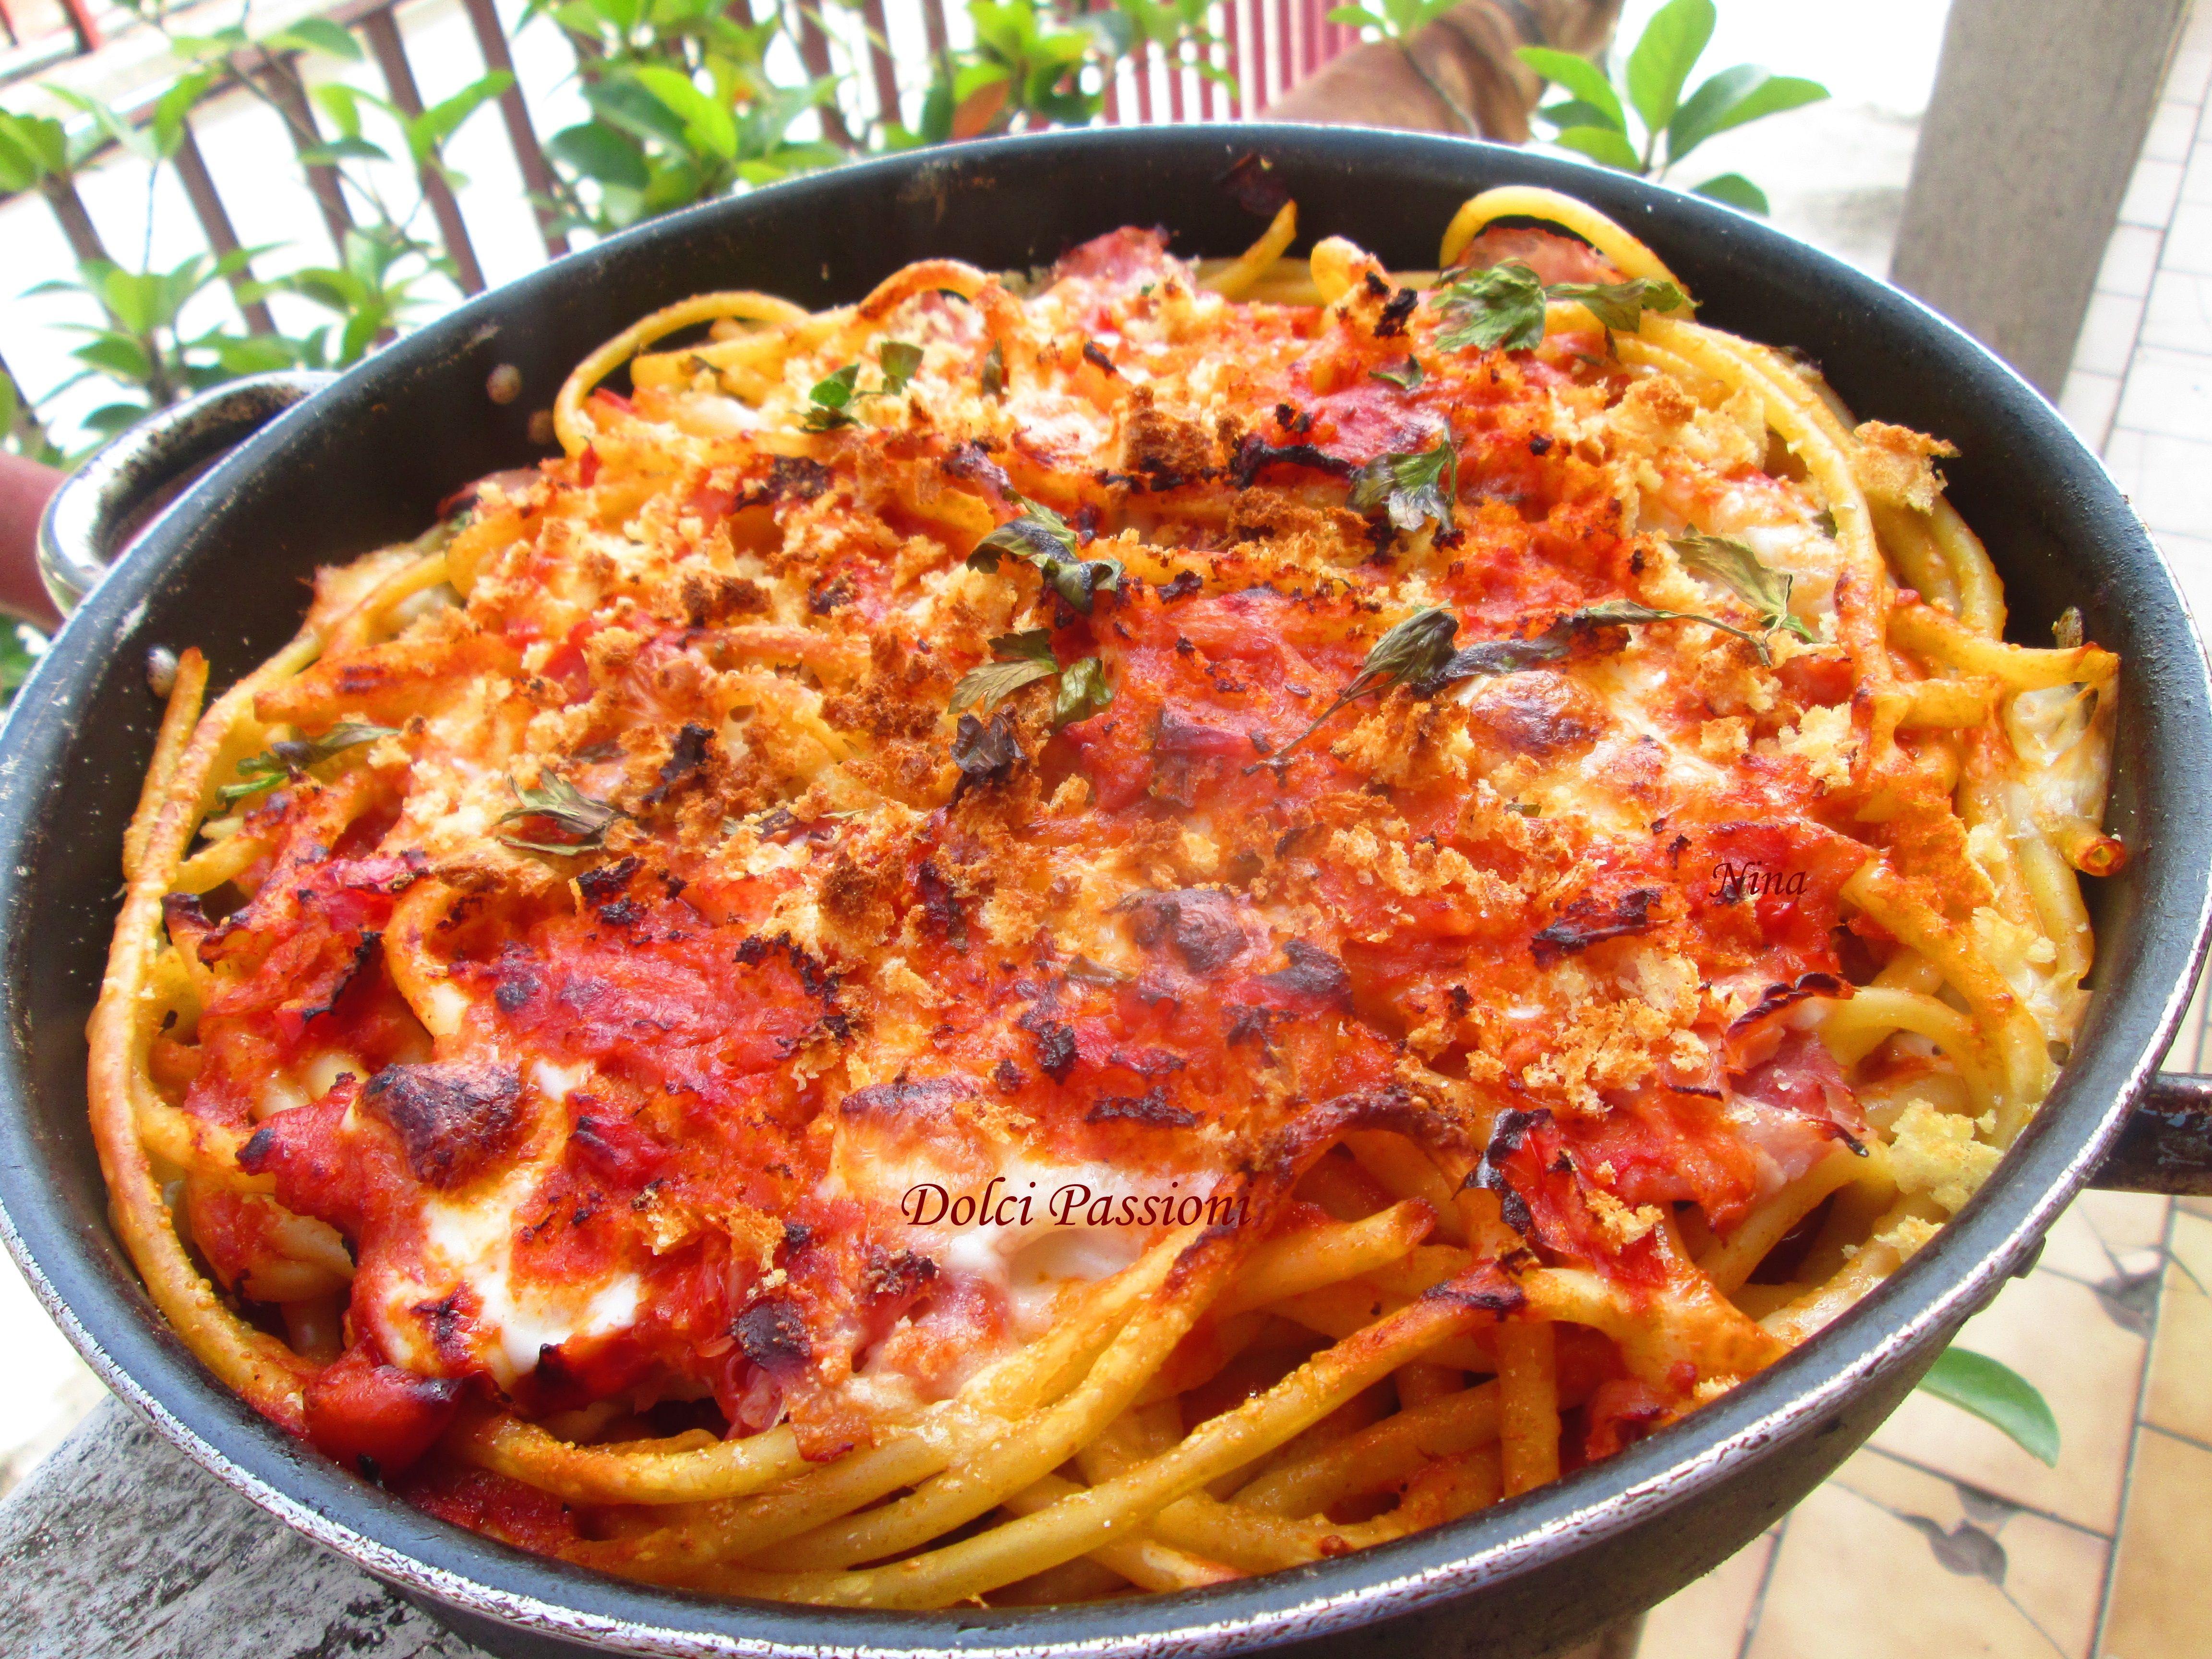 I bucatini alla pizzaiola sono uno di quei piatti che fanno grande la nostra cucina. Pochi, pochissimi ingredienti e si riesce a fare un sughetto profumatissimo per condire la pasta. Un piatto davvero strepitoso!!